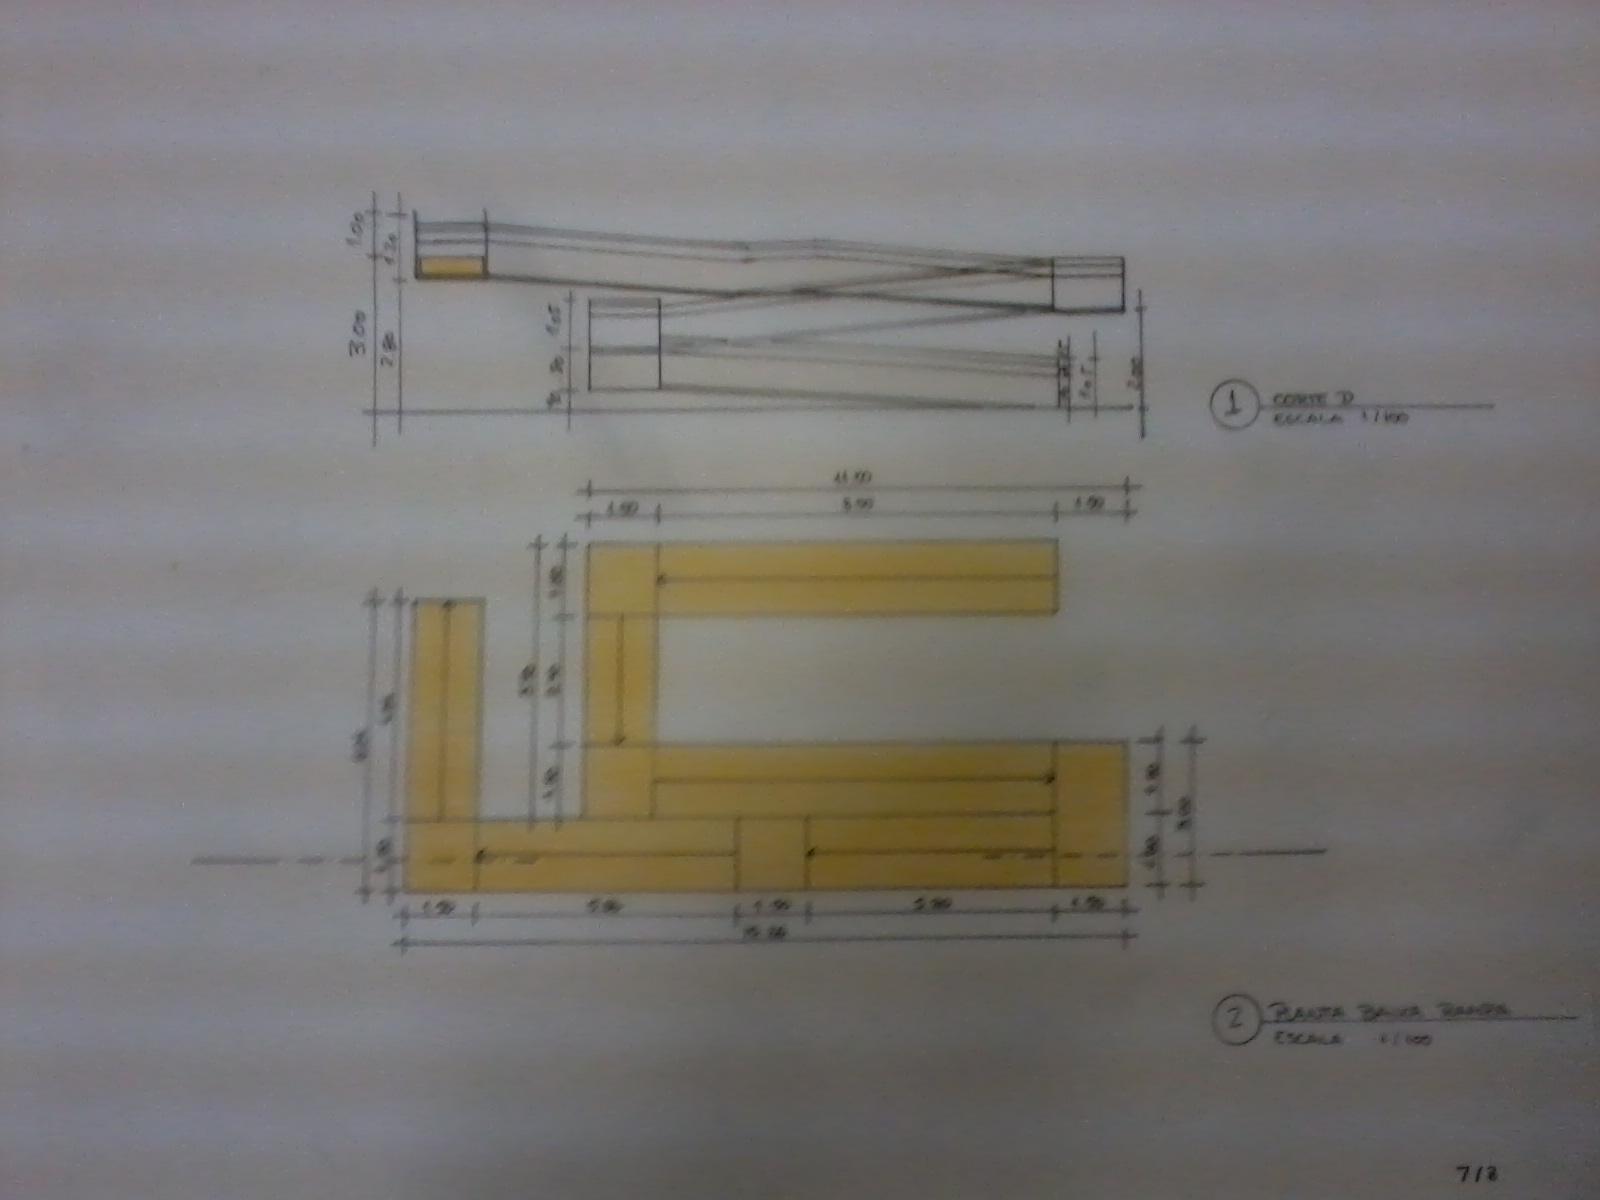 Desenhar Planta Baixa Arquitetura E Ergonomia Pelas Ruas De Fortaleza